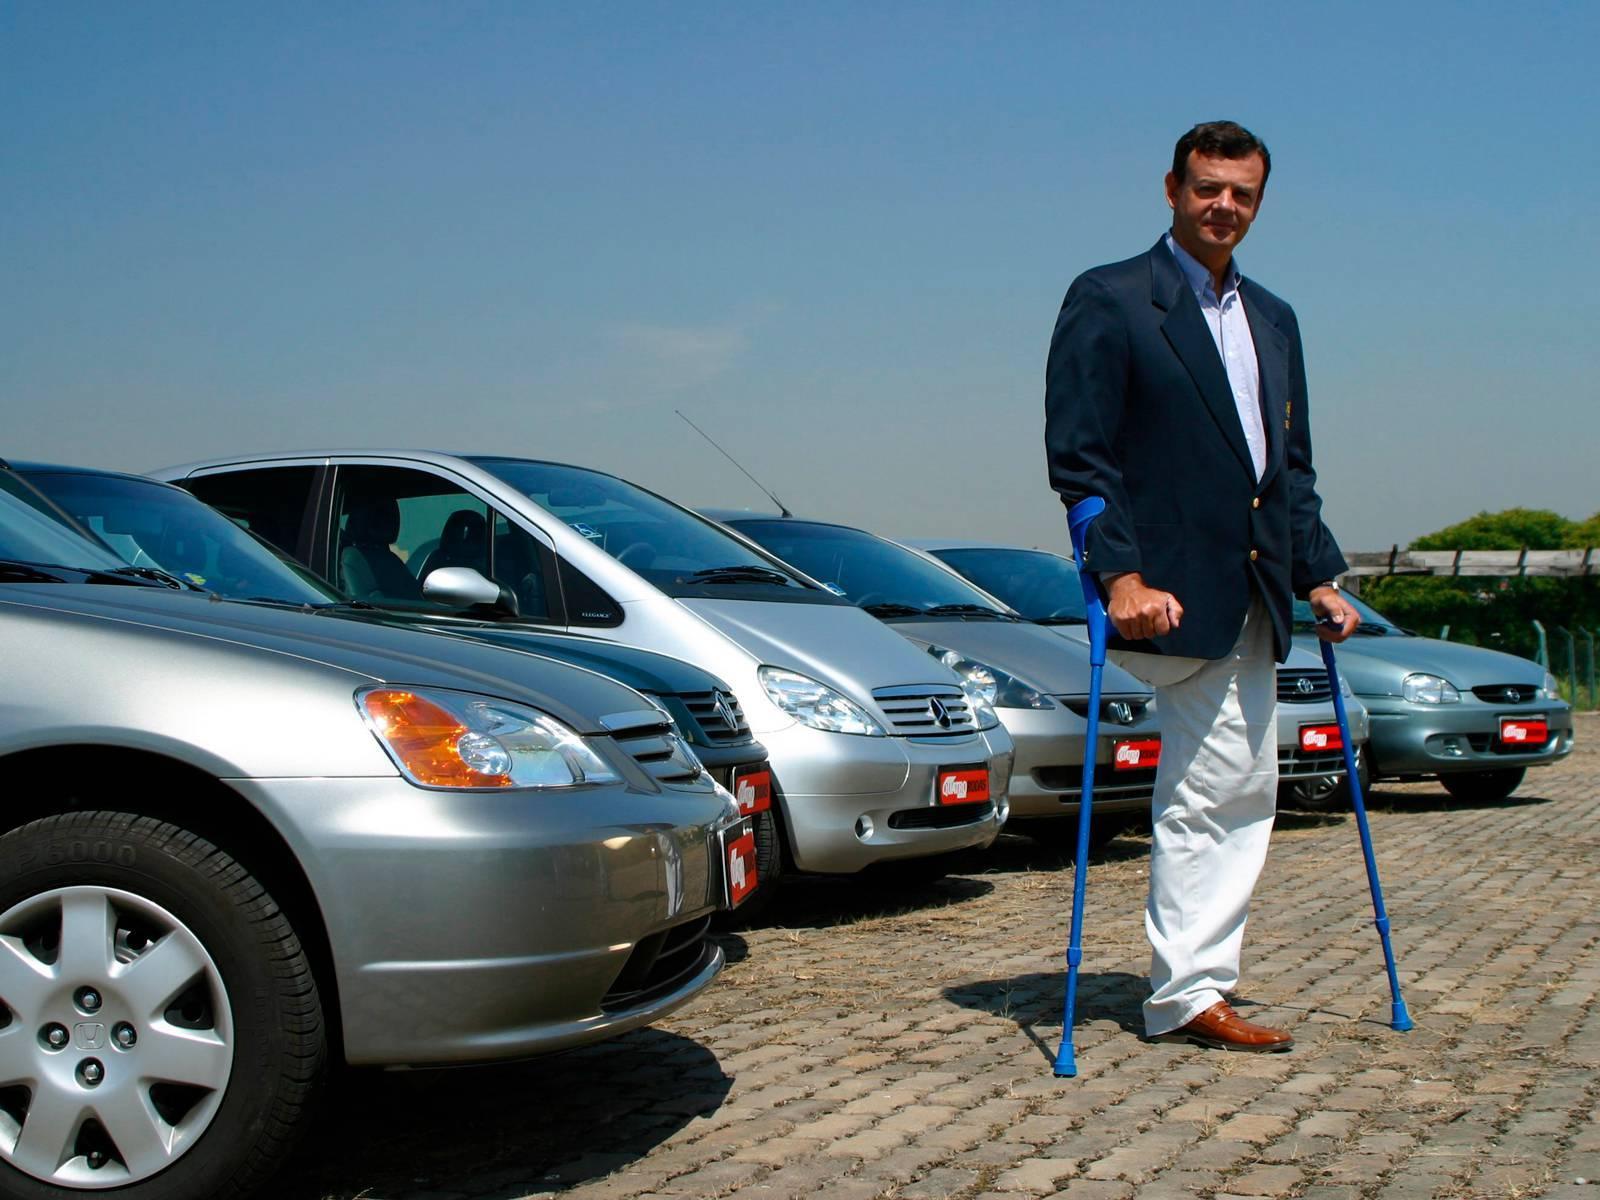 Isenção de impostos na compra de veículo para deficientes: Como funciona?